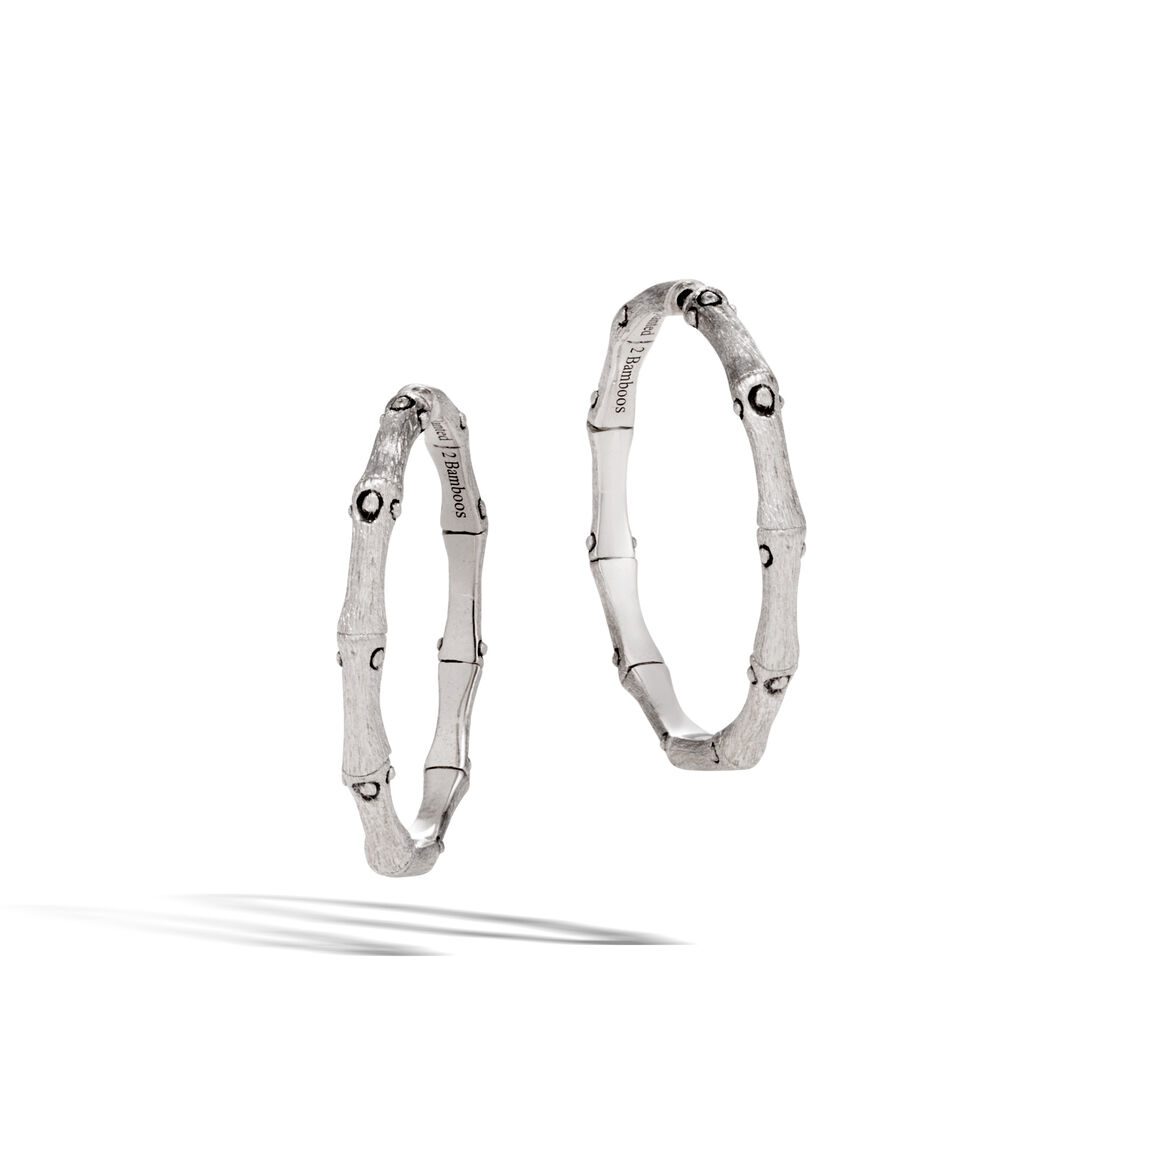 Bamboo Medium Hoop Earring in Brushed Silver